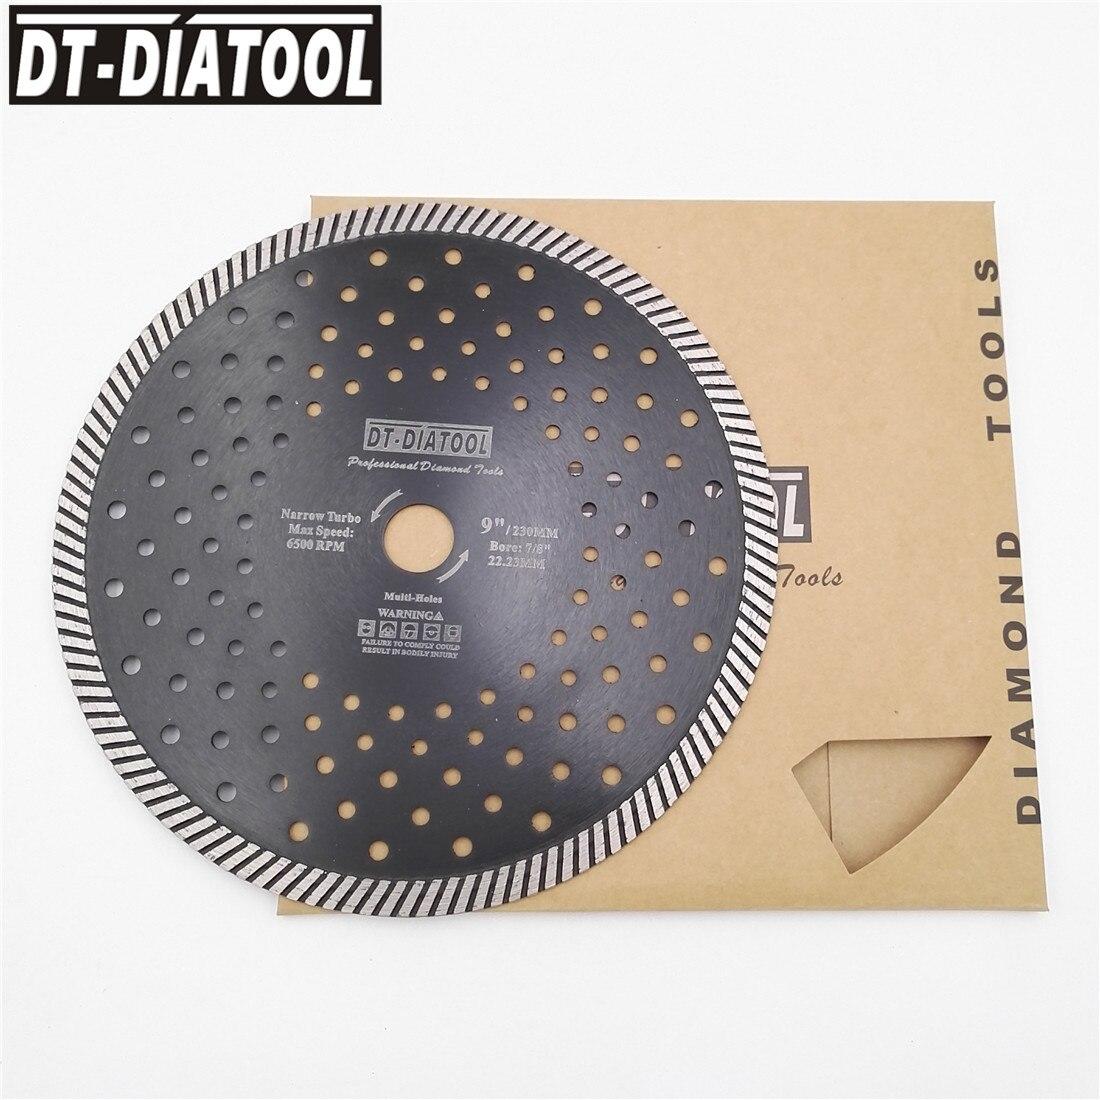 Бриллиантовые горячепрессованные узкие режущие диски, режущие диски для гранита, мрамора, камня, режущие диски, 2 шт., 230 мм/9 дюймов